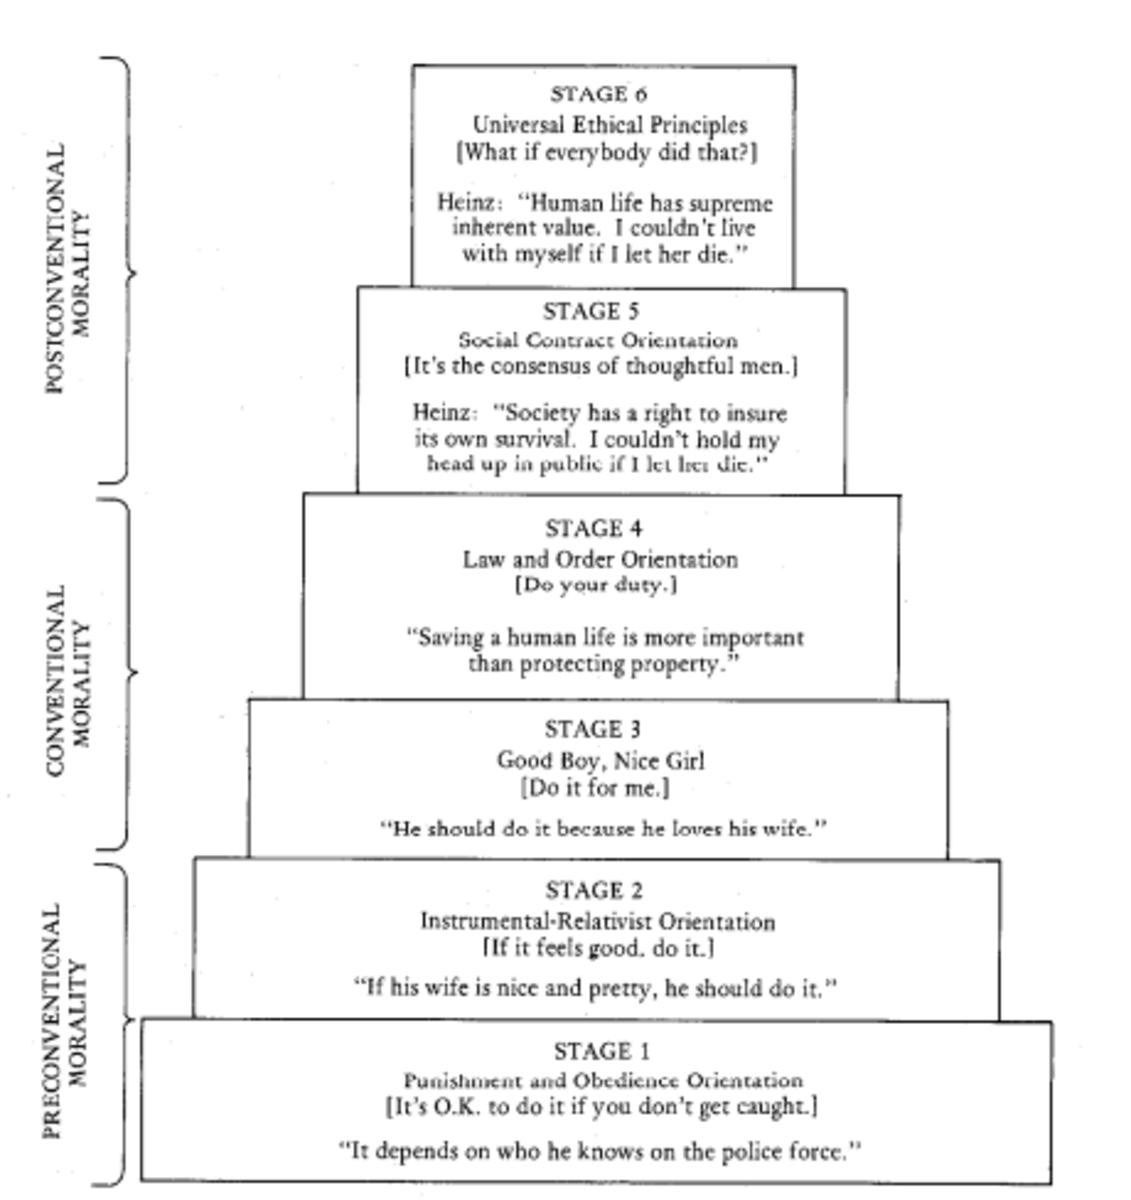 Kohlber's Model of Moral Development